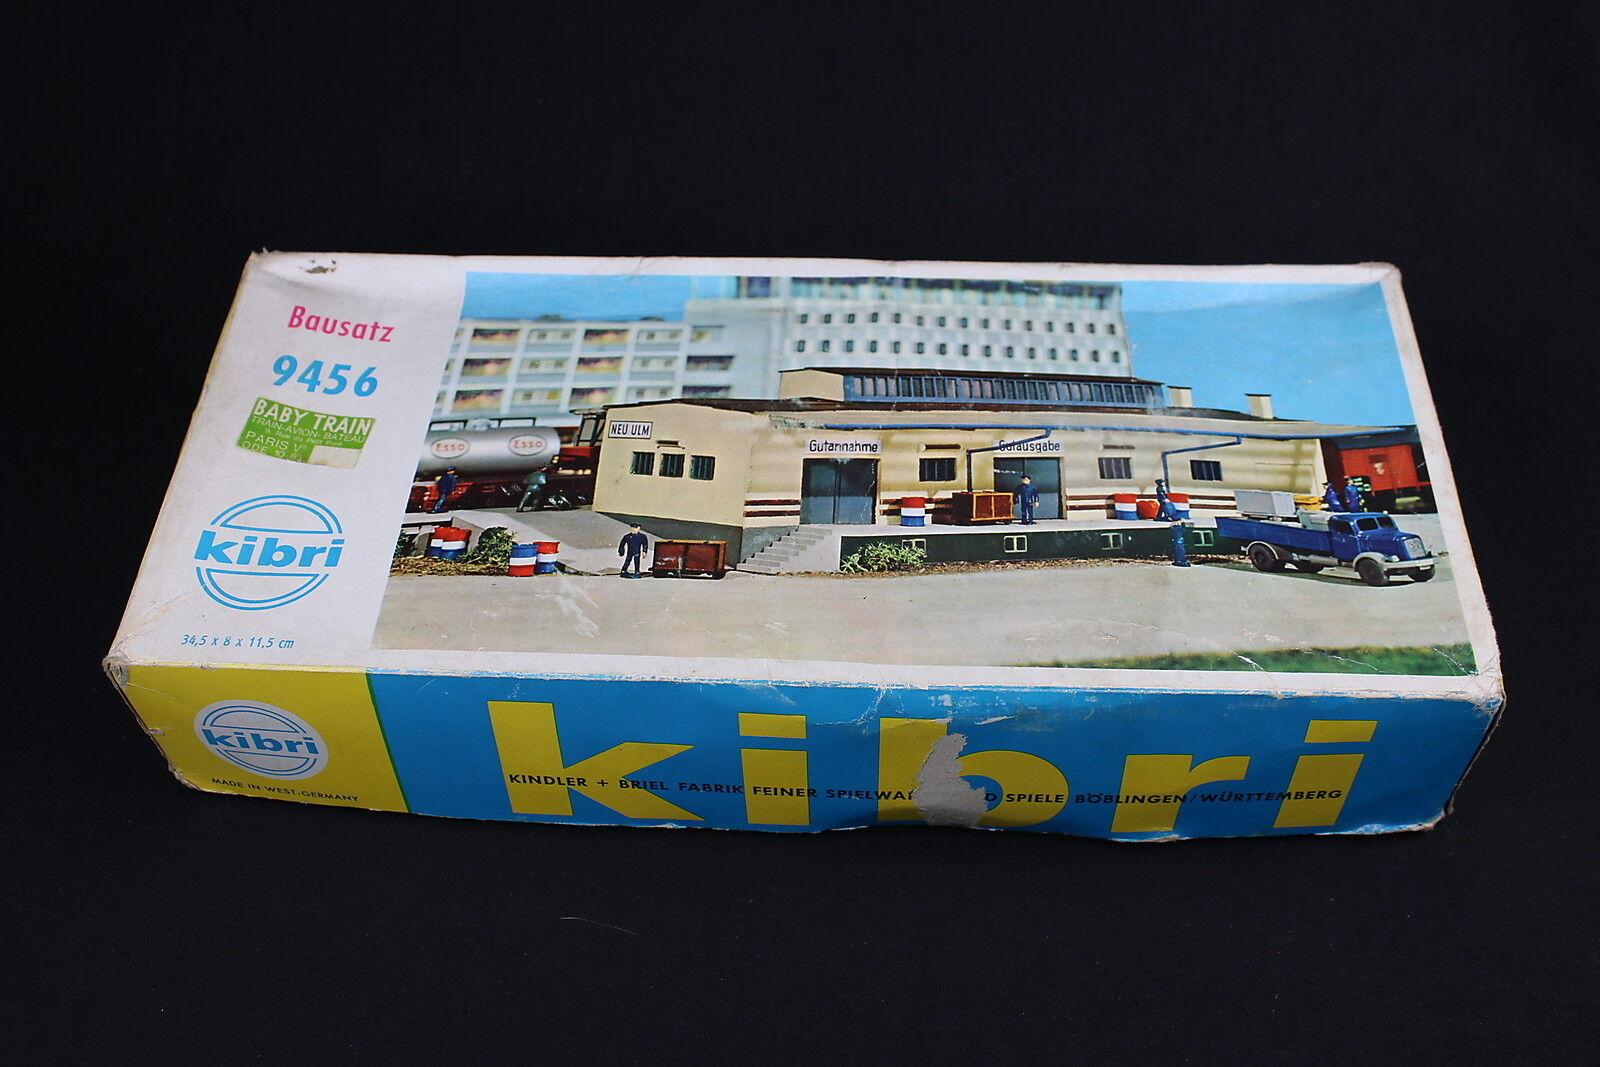 Vehículo w145 w145 w145 kibri Train maquette Ho 9456 vehículos marchandises Gare diorama guterschuppen 96e